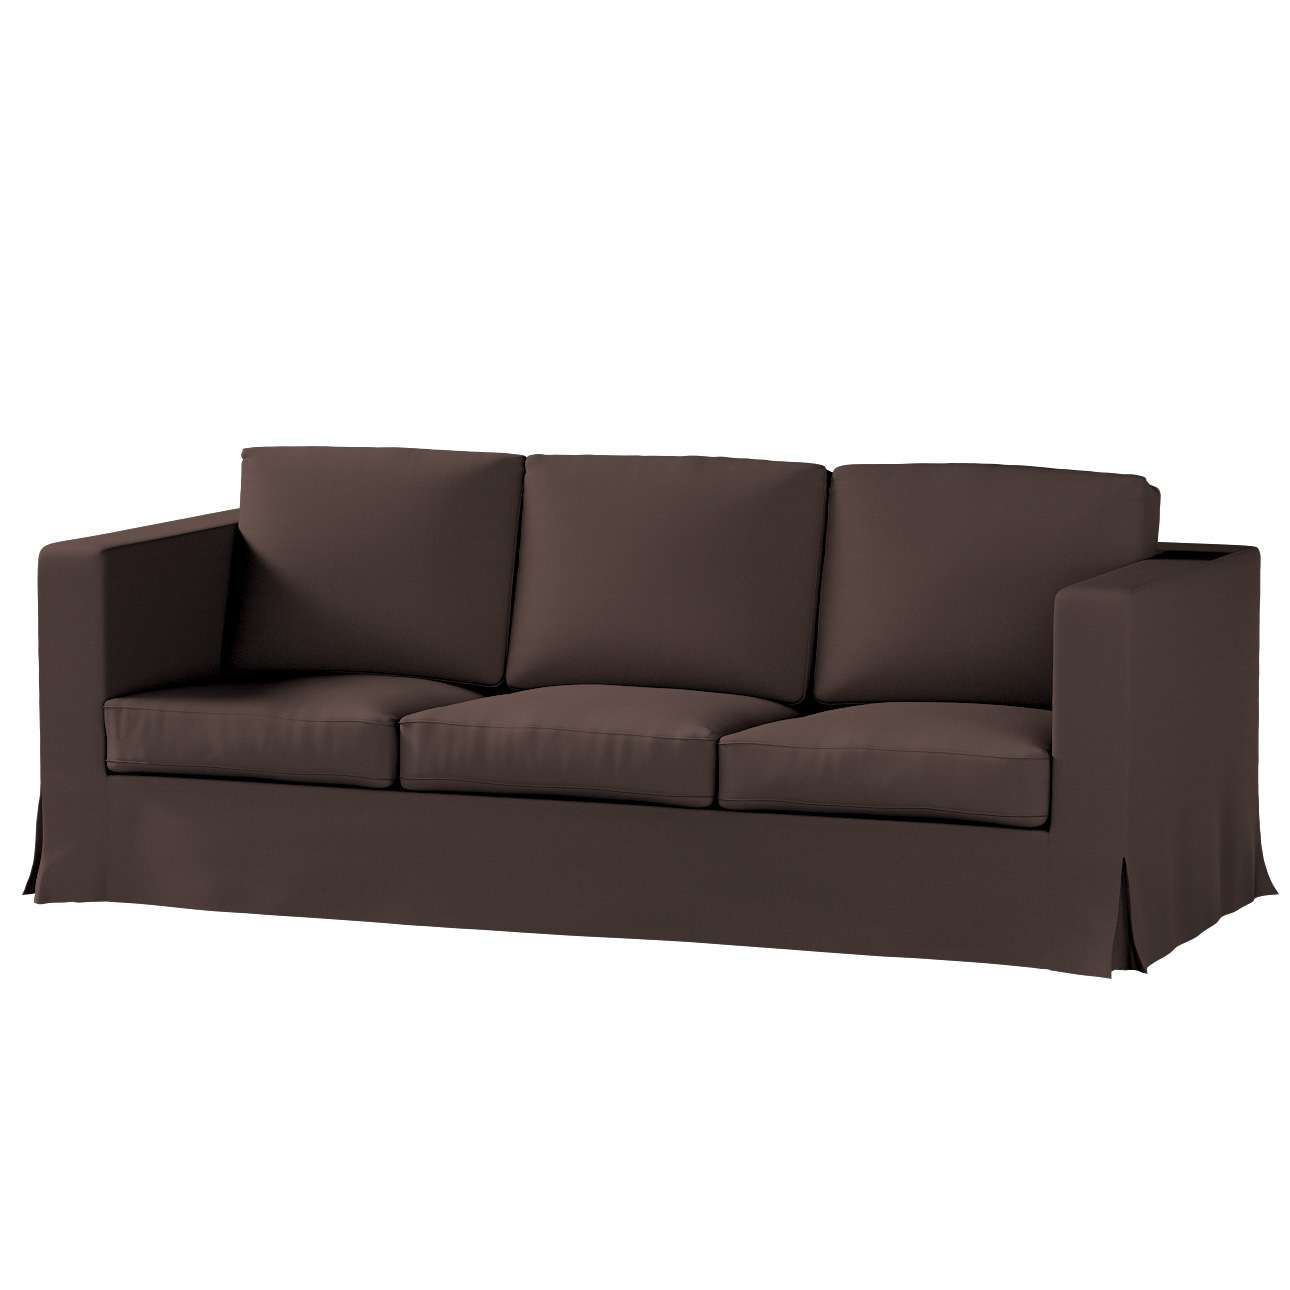 KARLANDA trivietės sofos iki žemės užvalkalas KARLANDA trivietės sofos iki žemės užvalkalas kolekcijoje Cotton Panama, audinys: 702-03